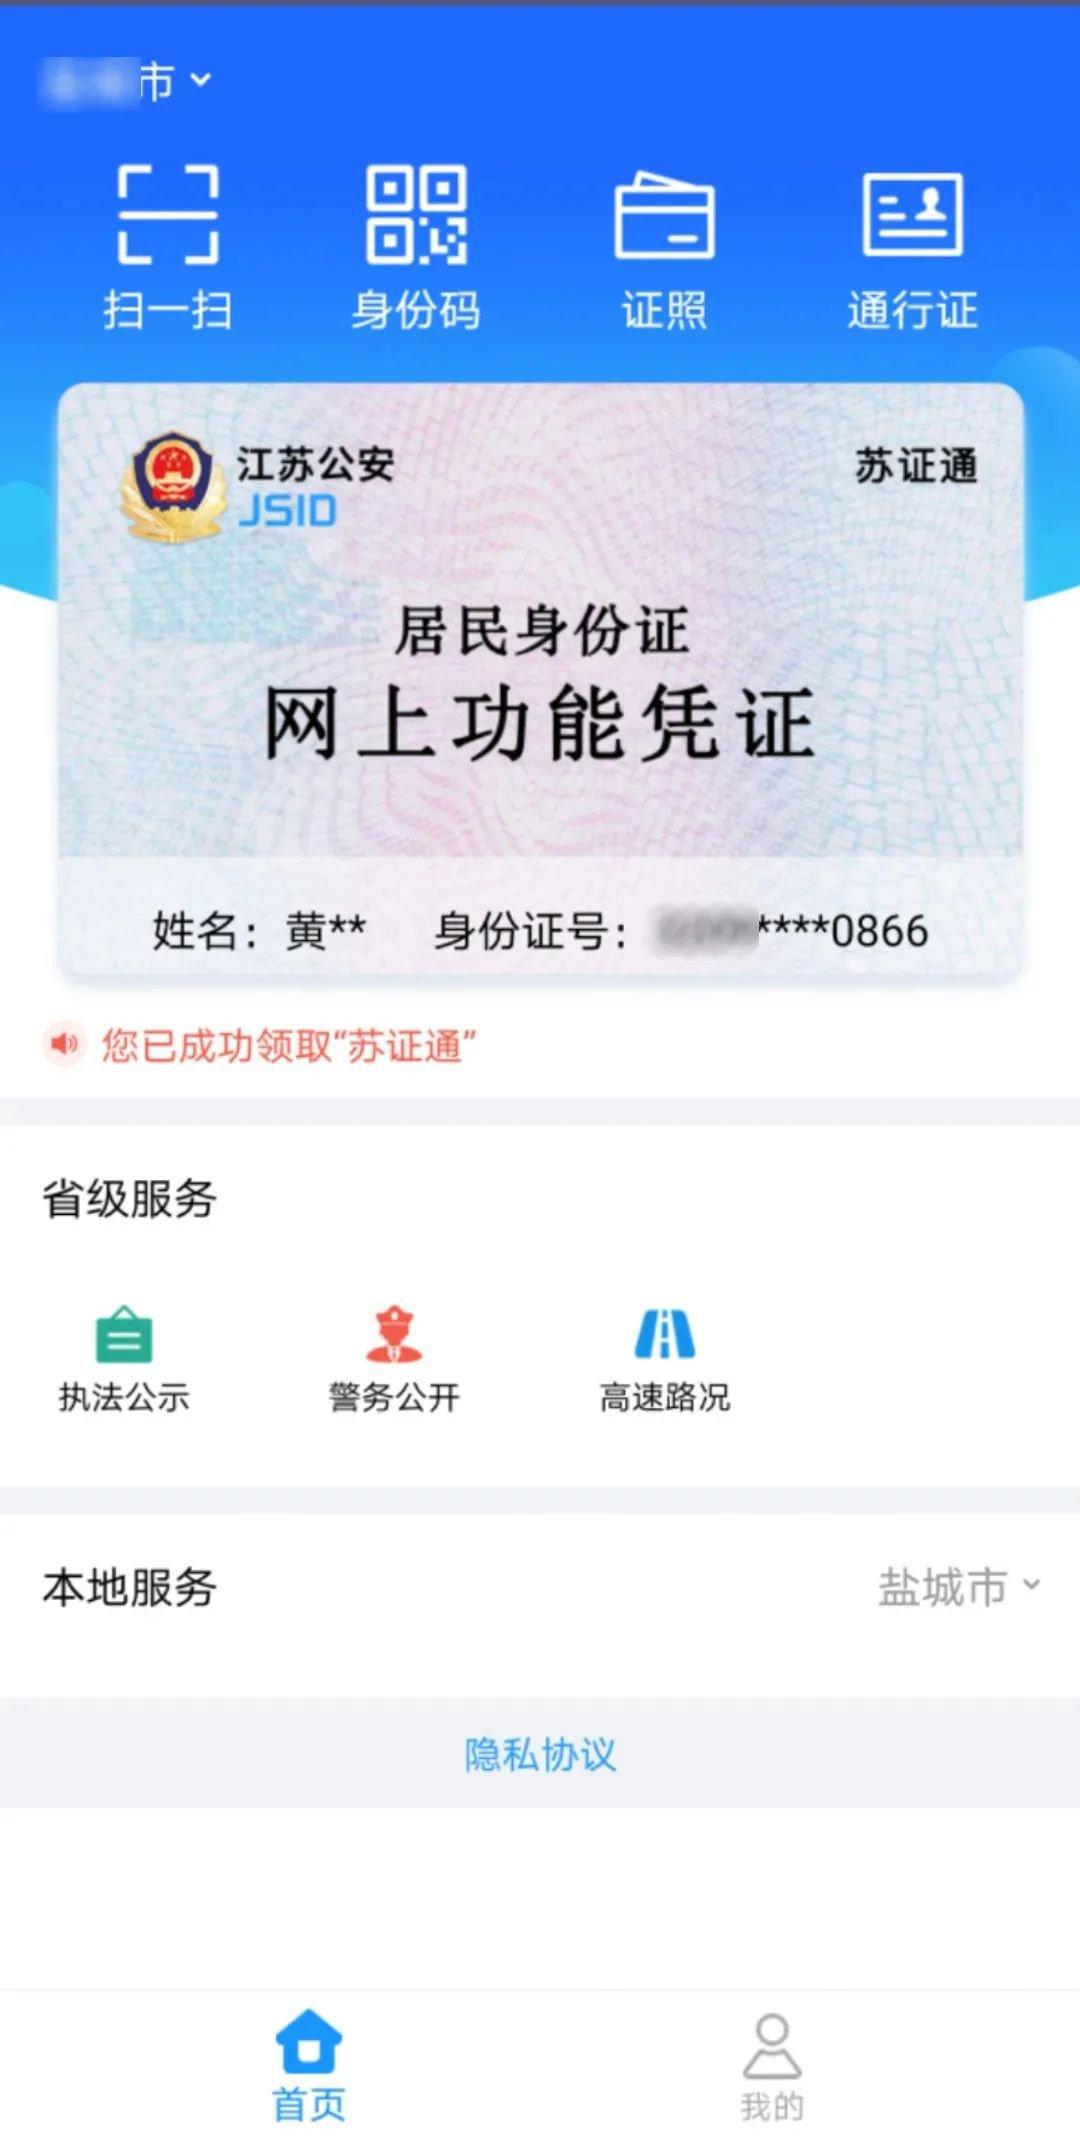 泰州电子身份证申请办理流程-苏证通APP使用教程